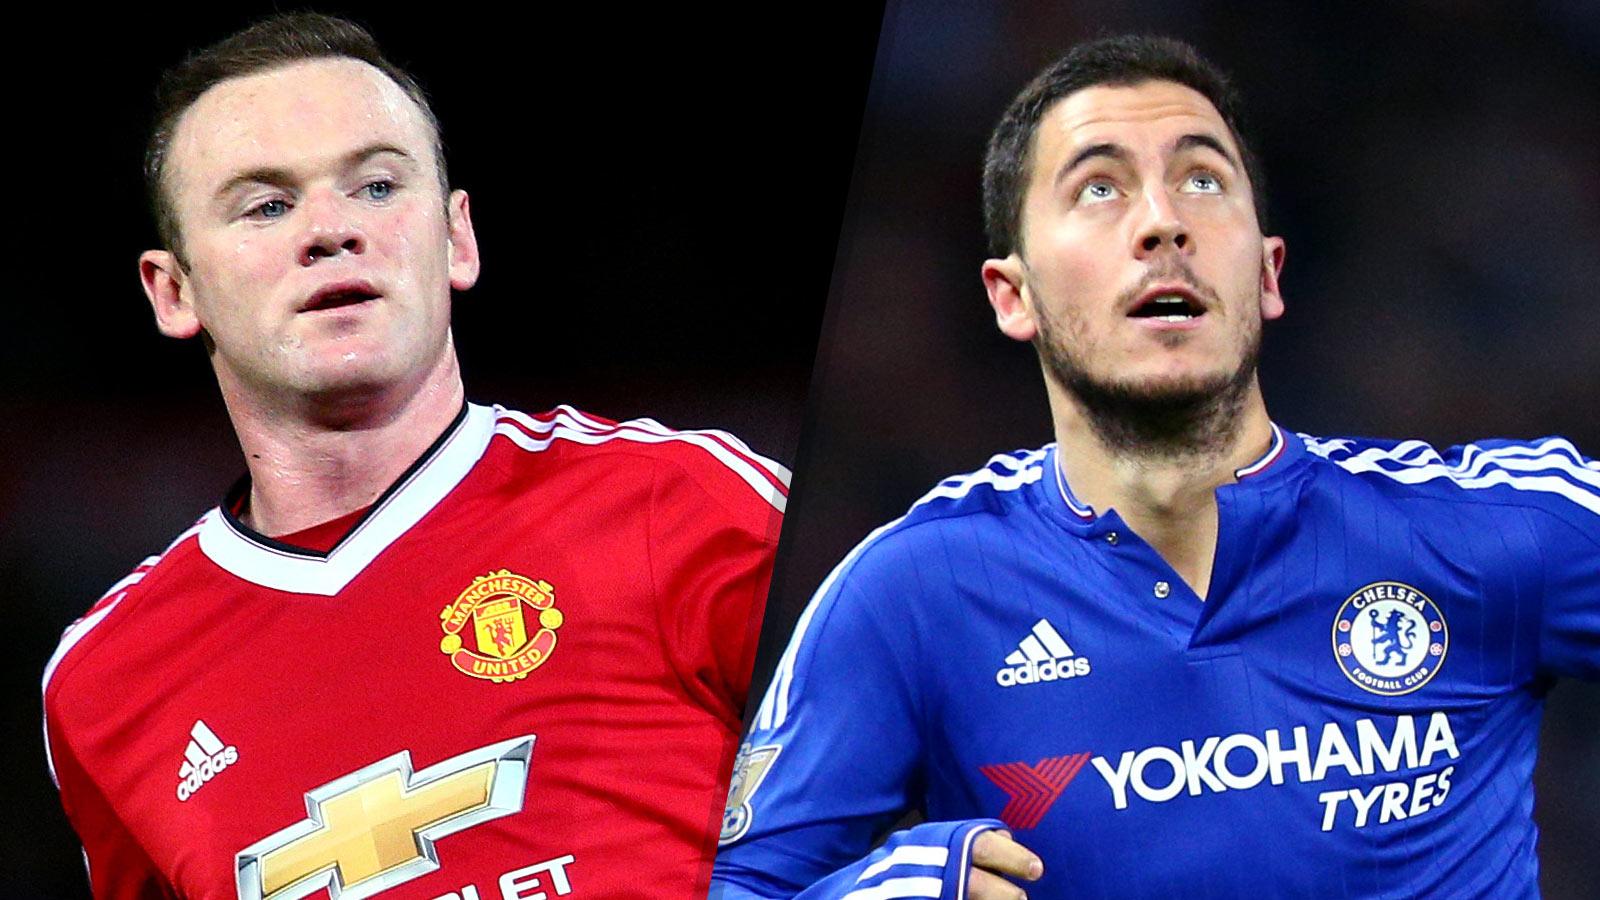 122815-SOCCER-Manchester-United-Chelsea-OB-PI